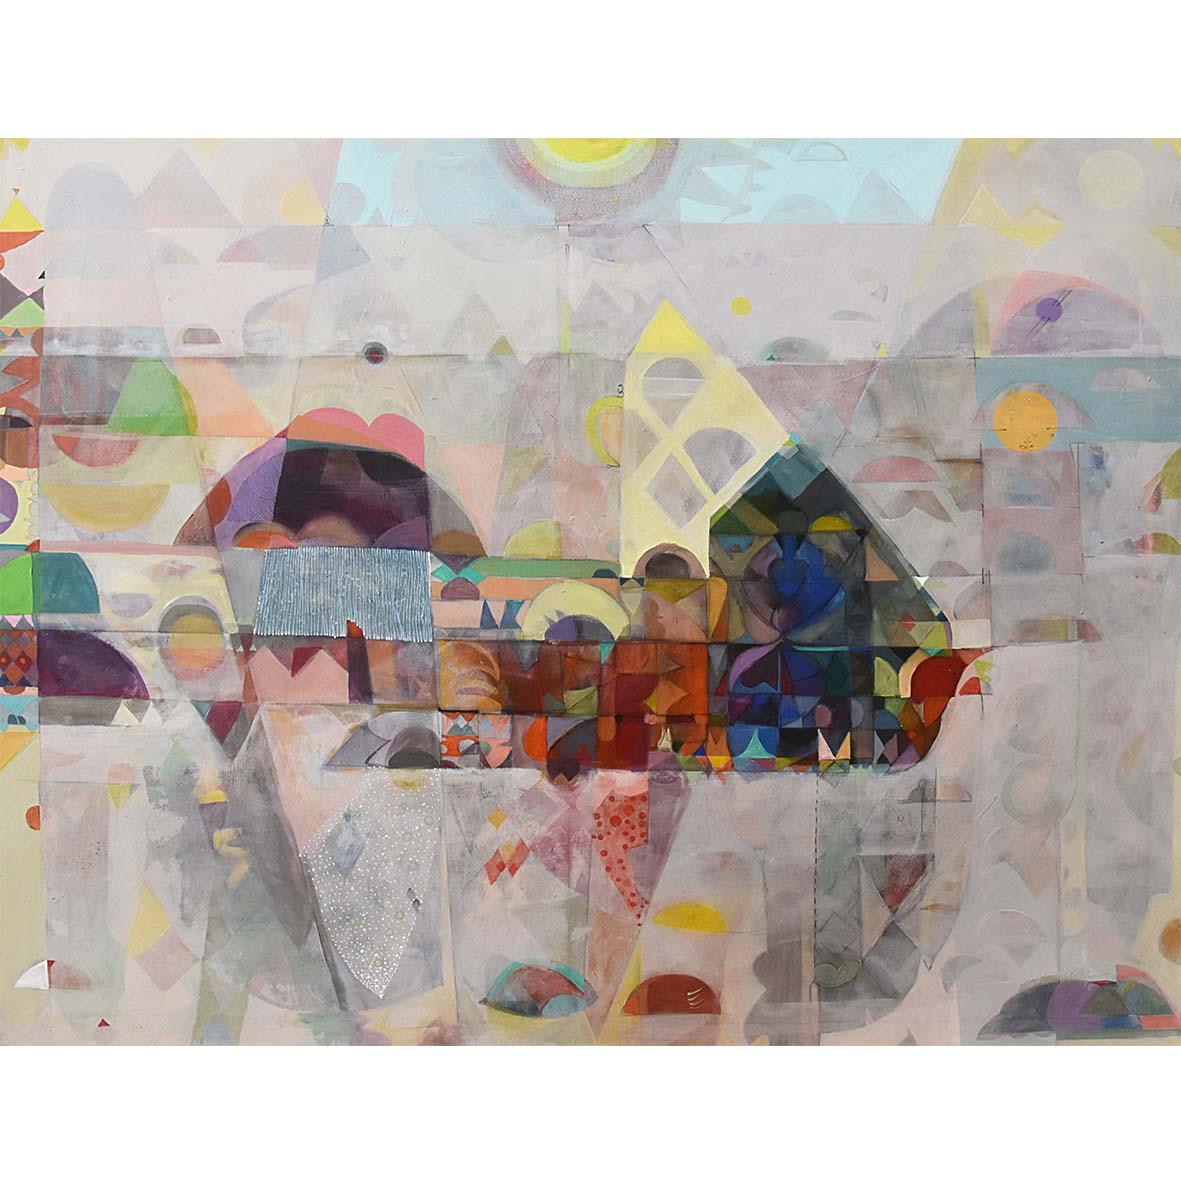 The Foggy Town (1) 2018 Acrylic on Canvas 185 x 150 cm